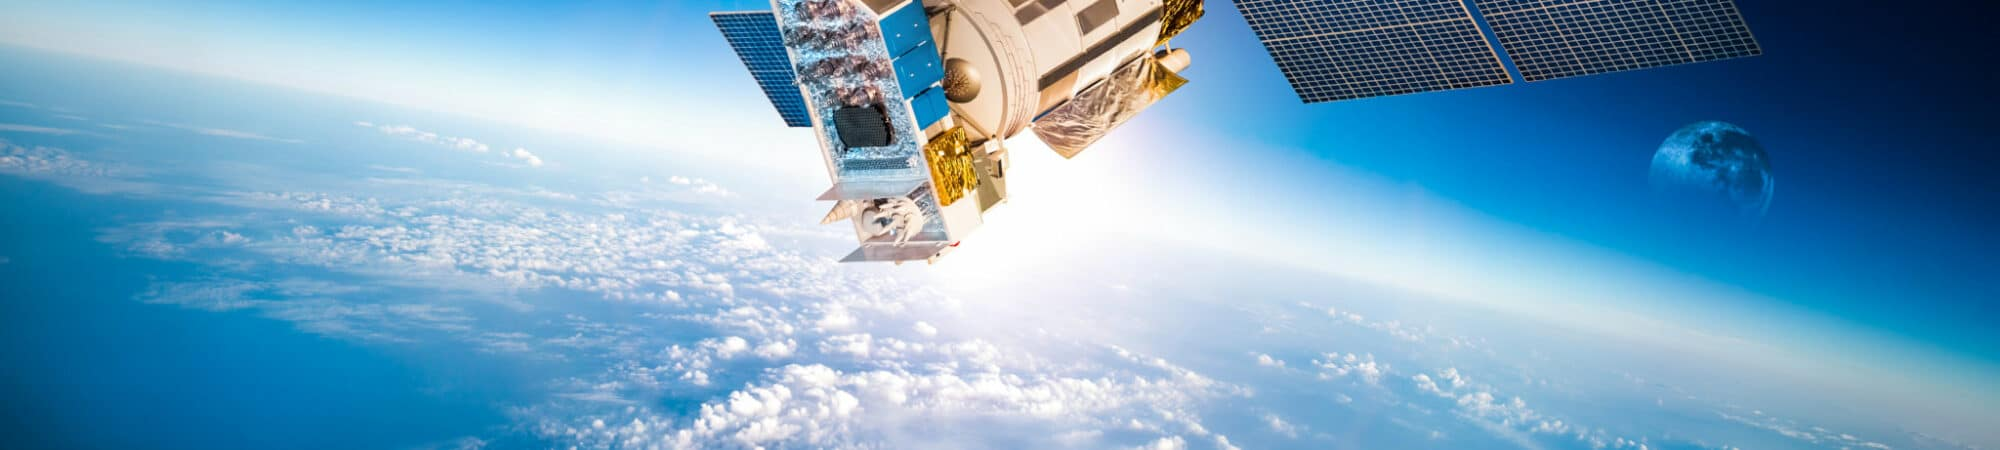 Internet global via satélite está em andamento